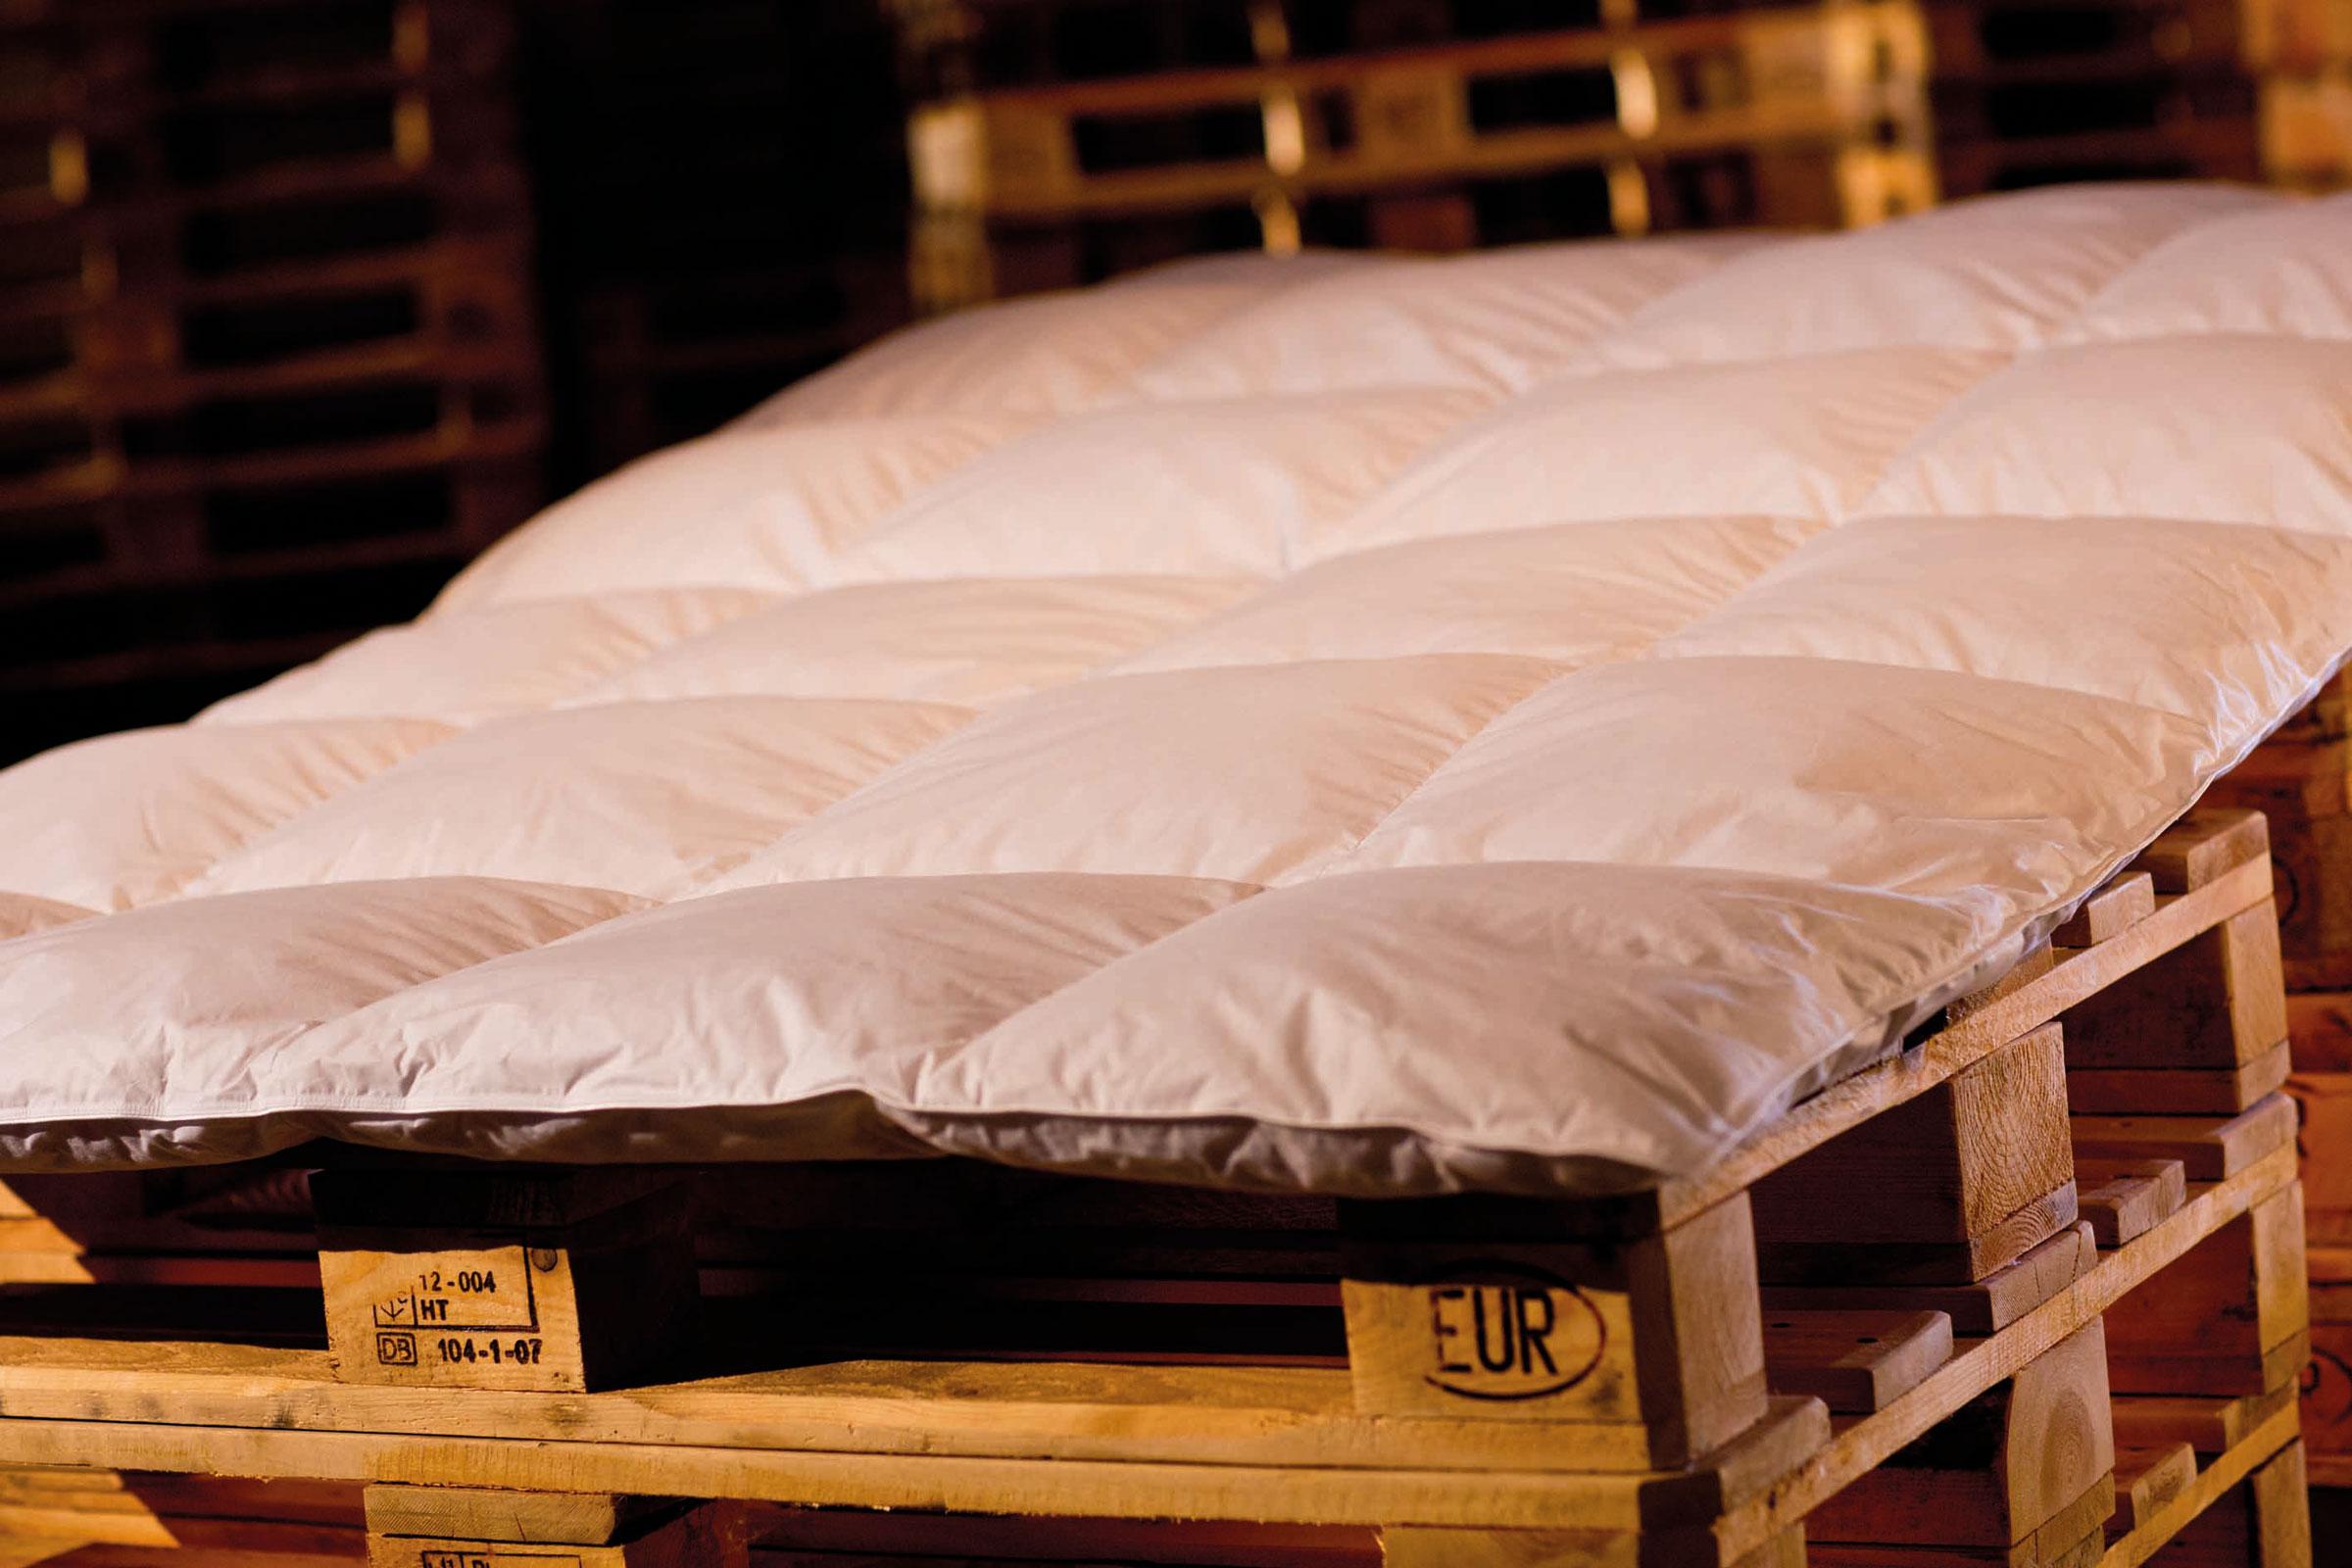 Bettdecken und Kopfkissen - Premium Ganzjahresdecke Bettdecke 155x220 1260Gramm 50 Daunen 50 Federn Serie Moon  - Onlineshop PremiumShop321